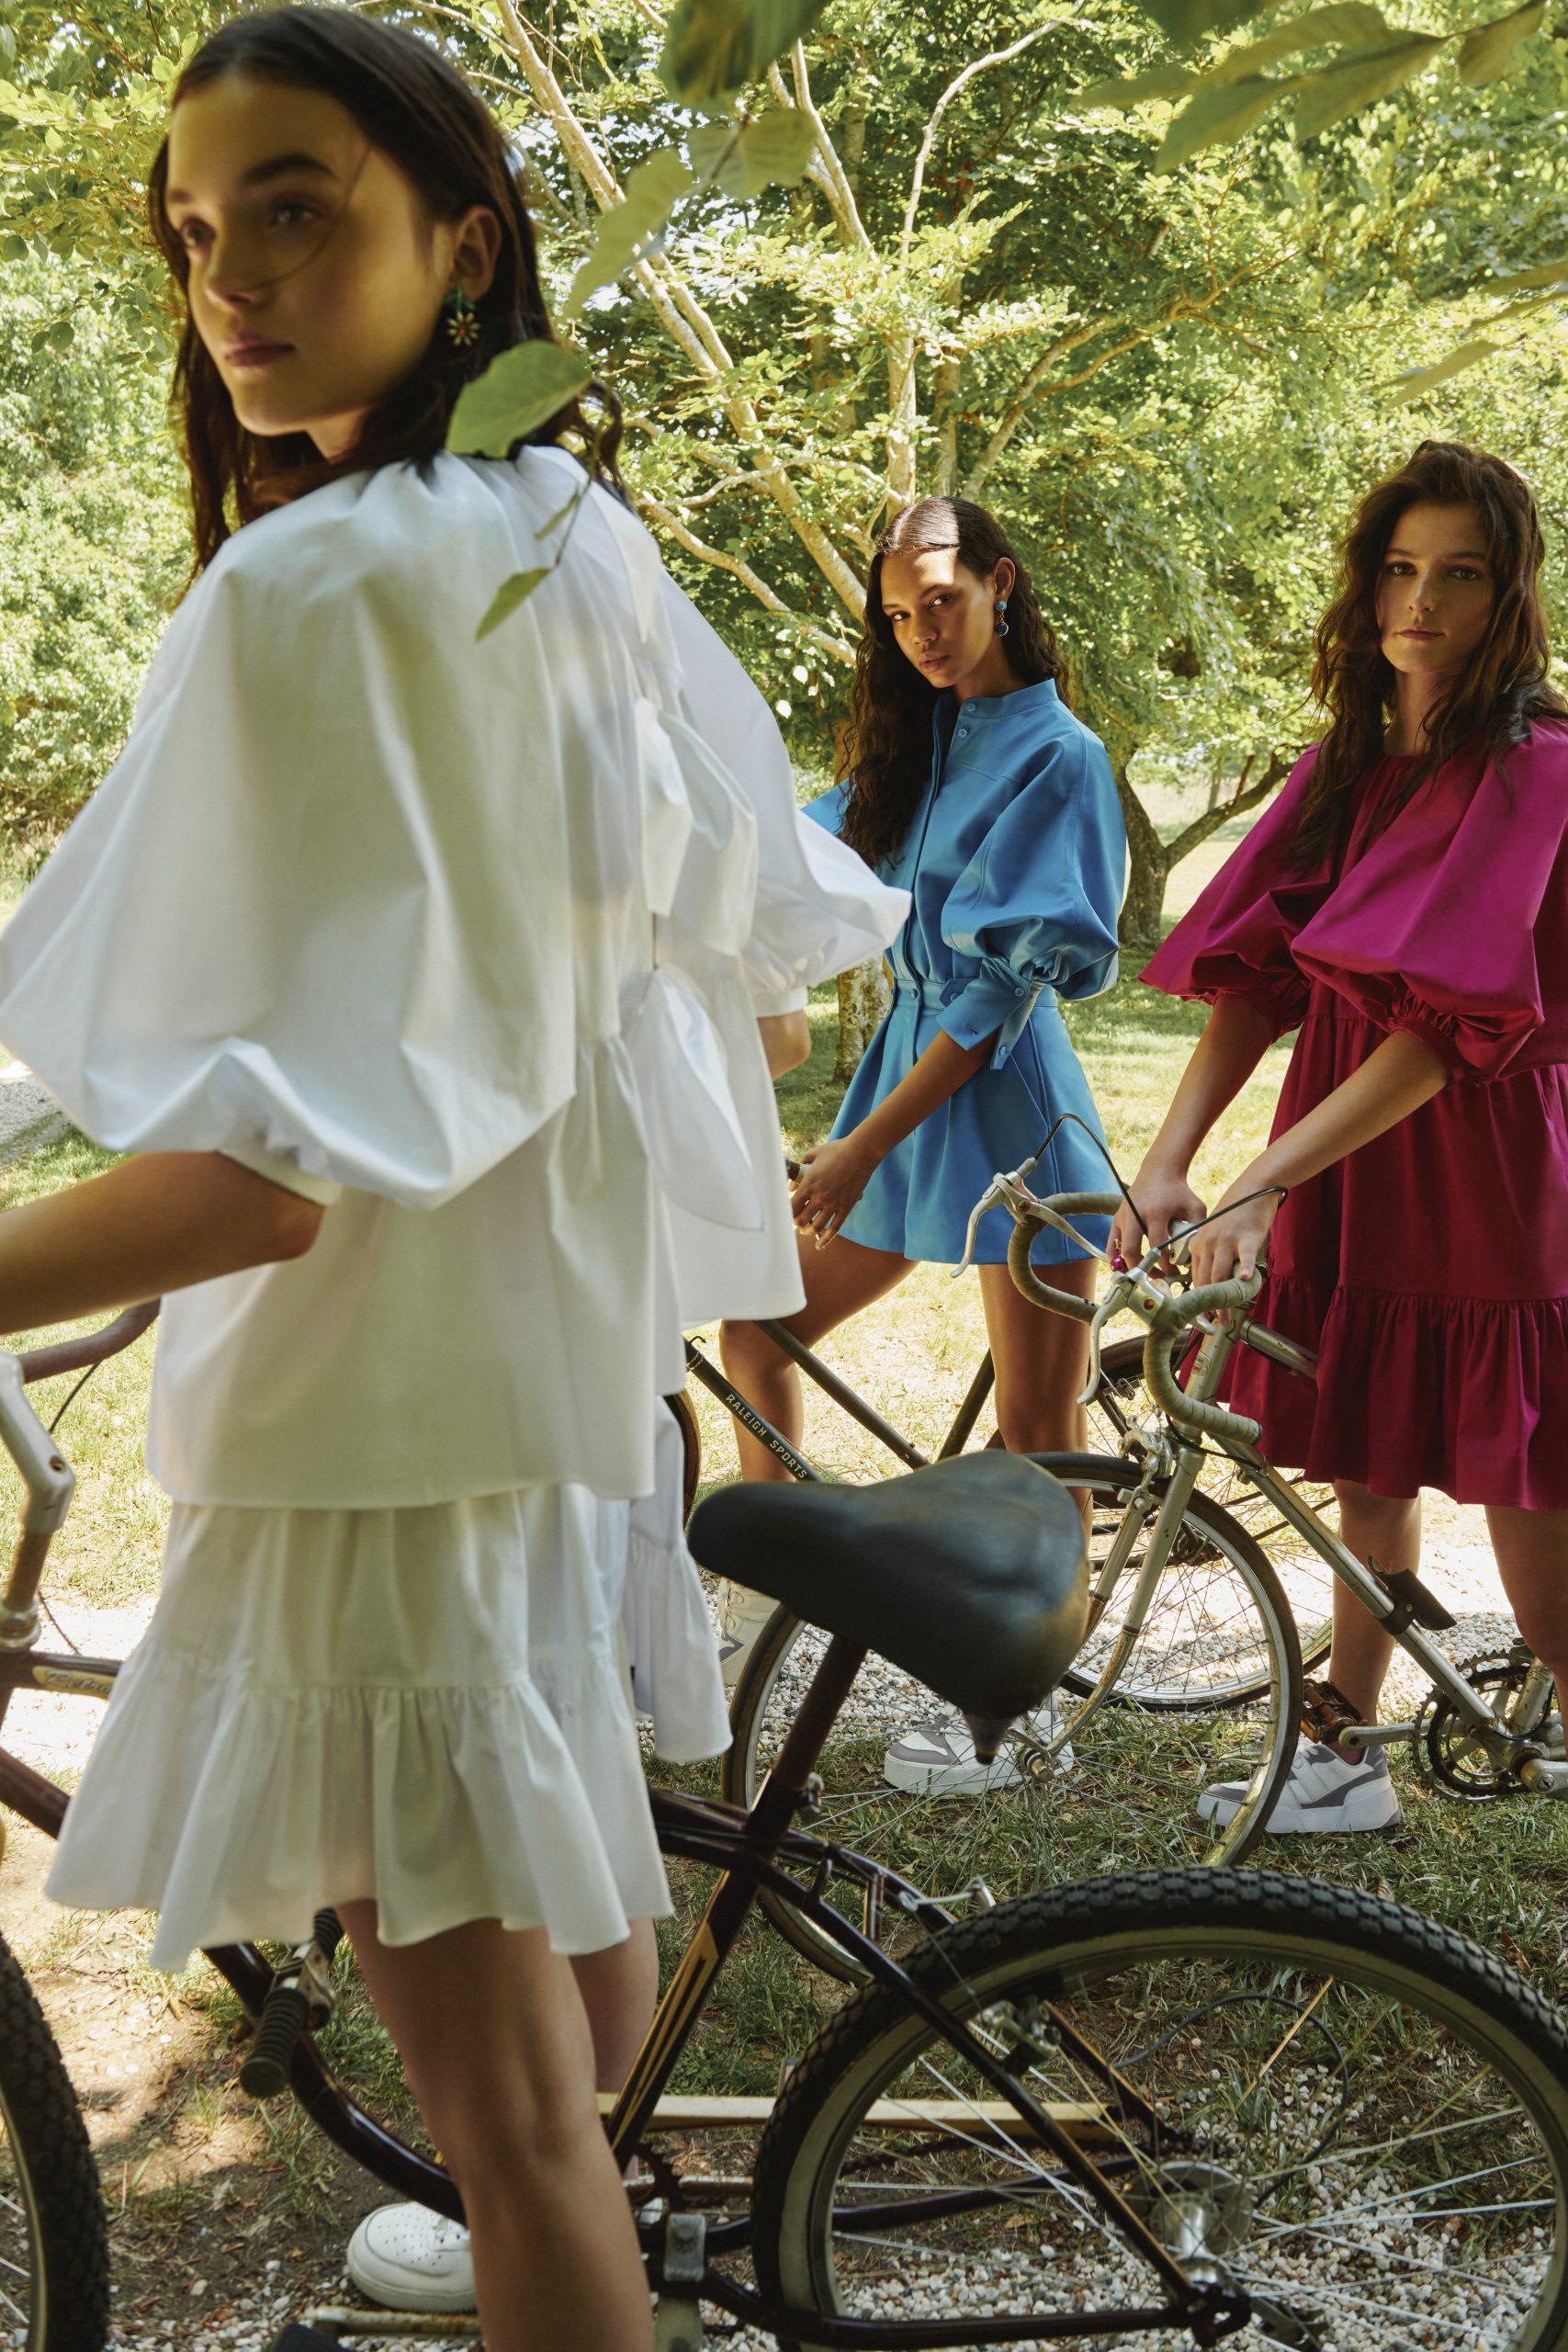 Oscar De La Renta Resort 2022 Fashion Show Photos